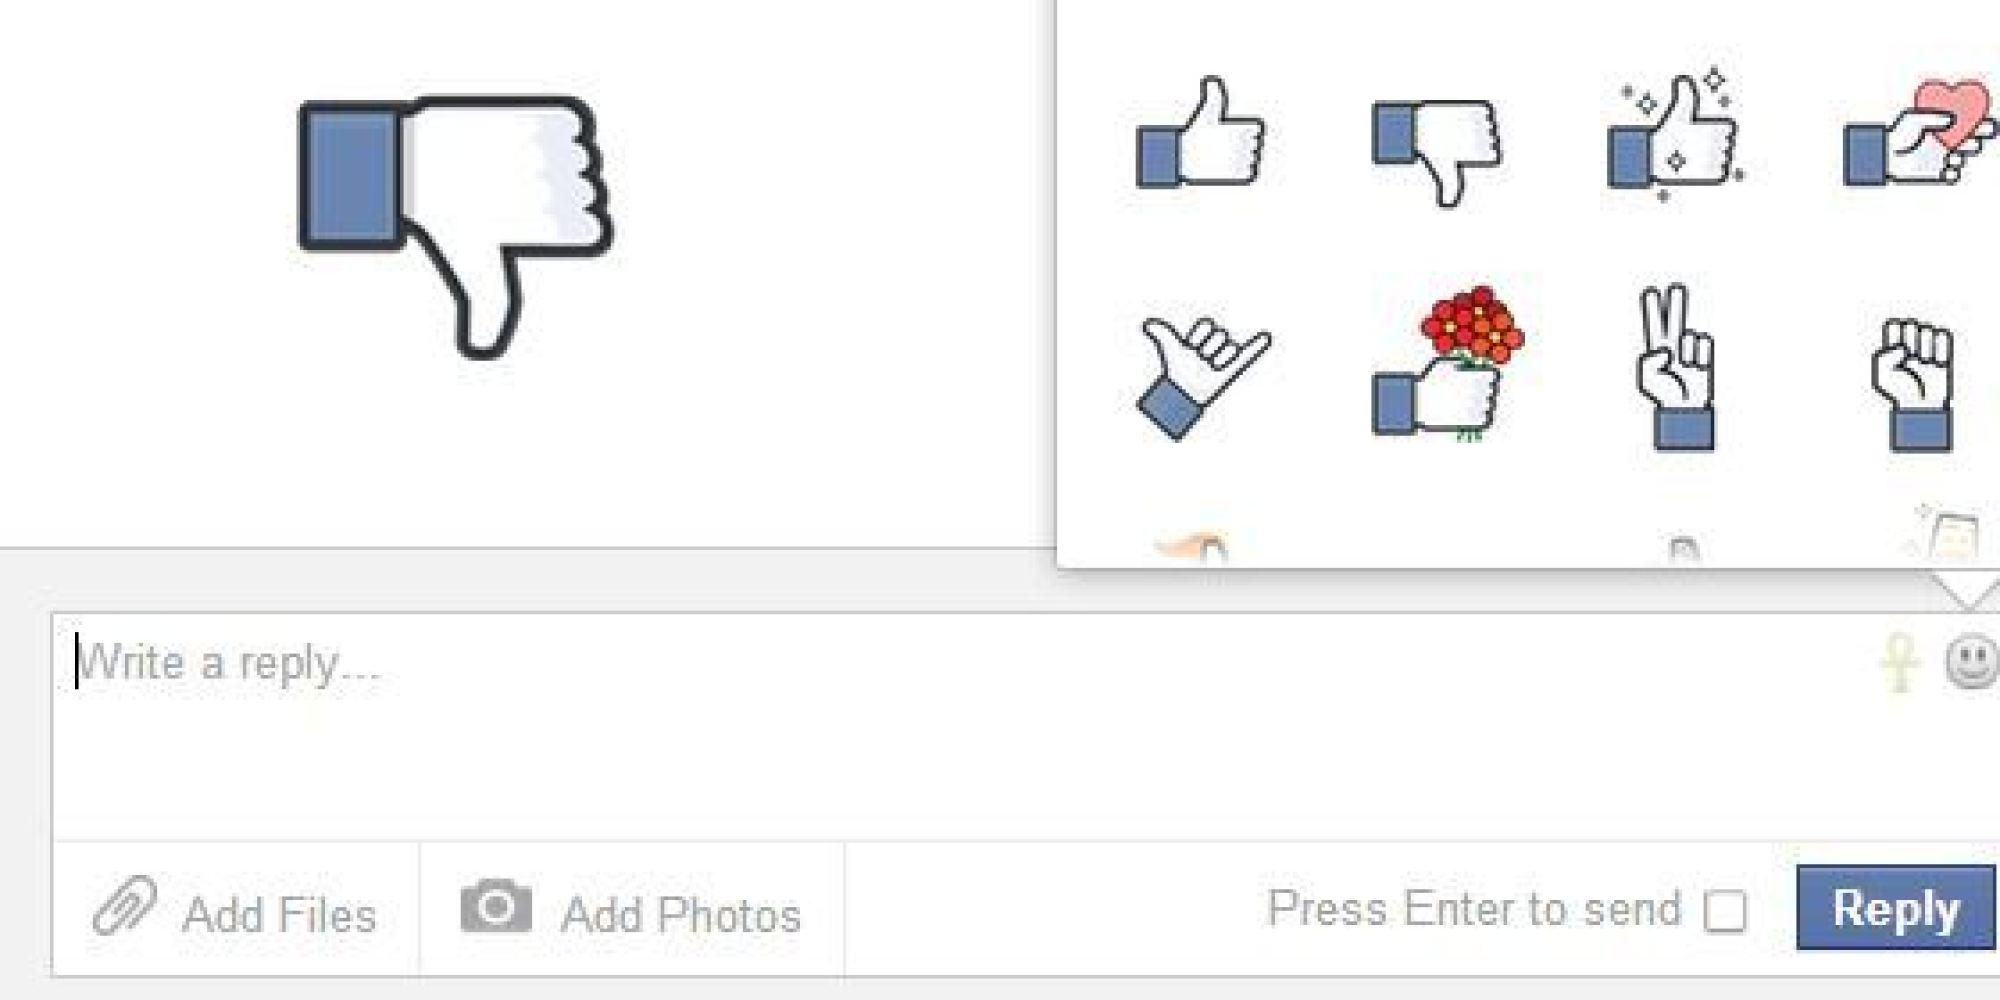 comment mettre j'aime pas sur facebook